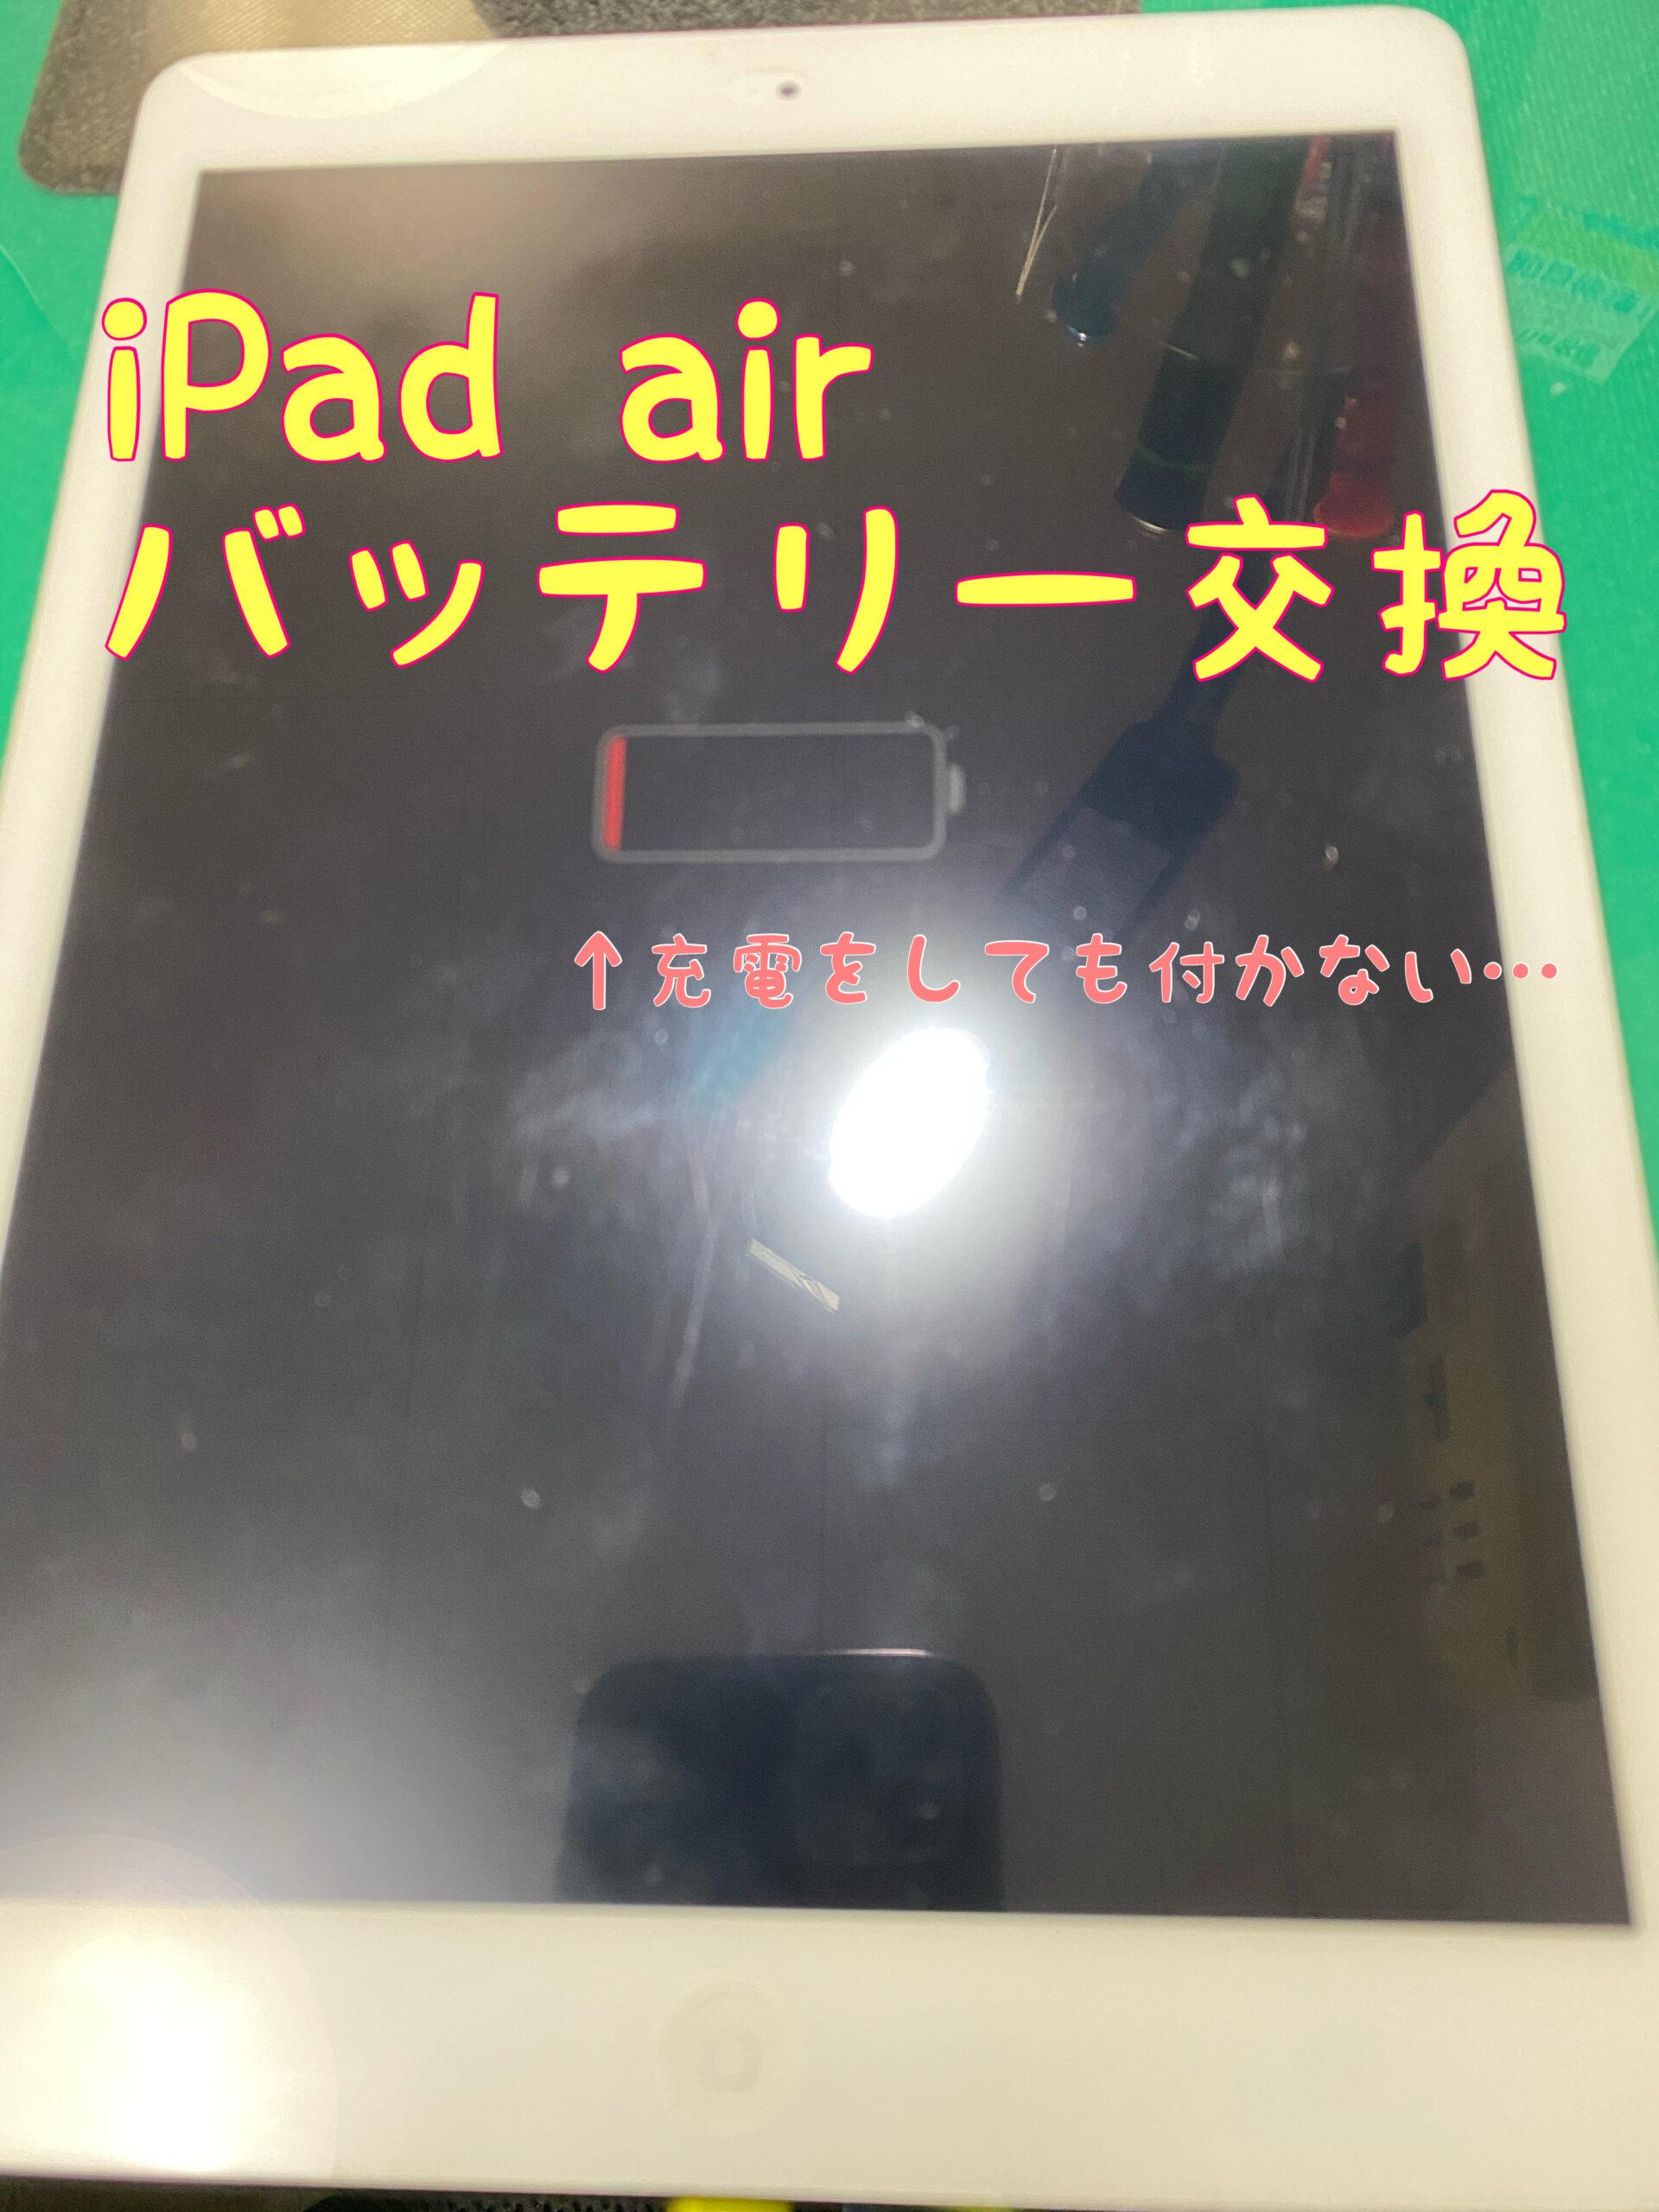 iPad修理 アイパッド修理 iPhone修理 アイフォン修理 江南市 江南 即日 安い 格安 スマホ修理 稲沢市